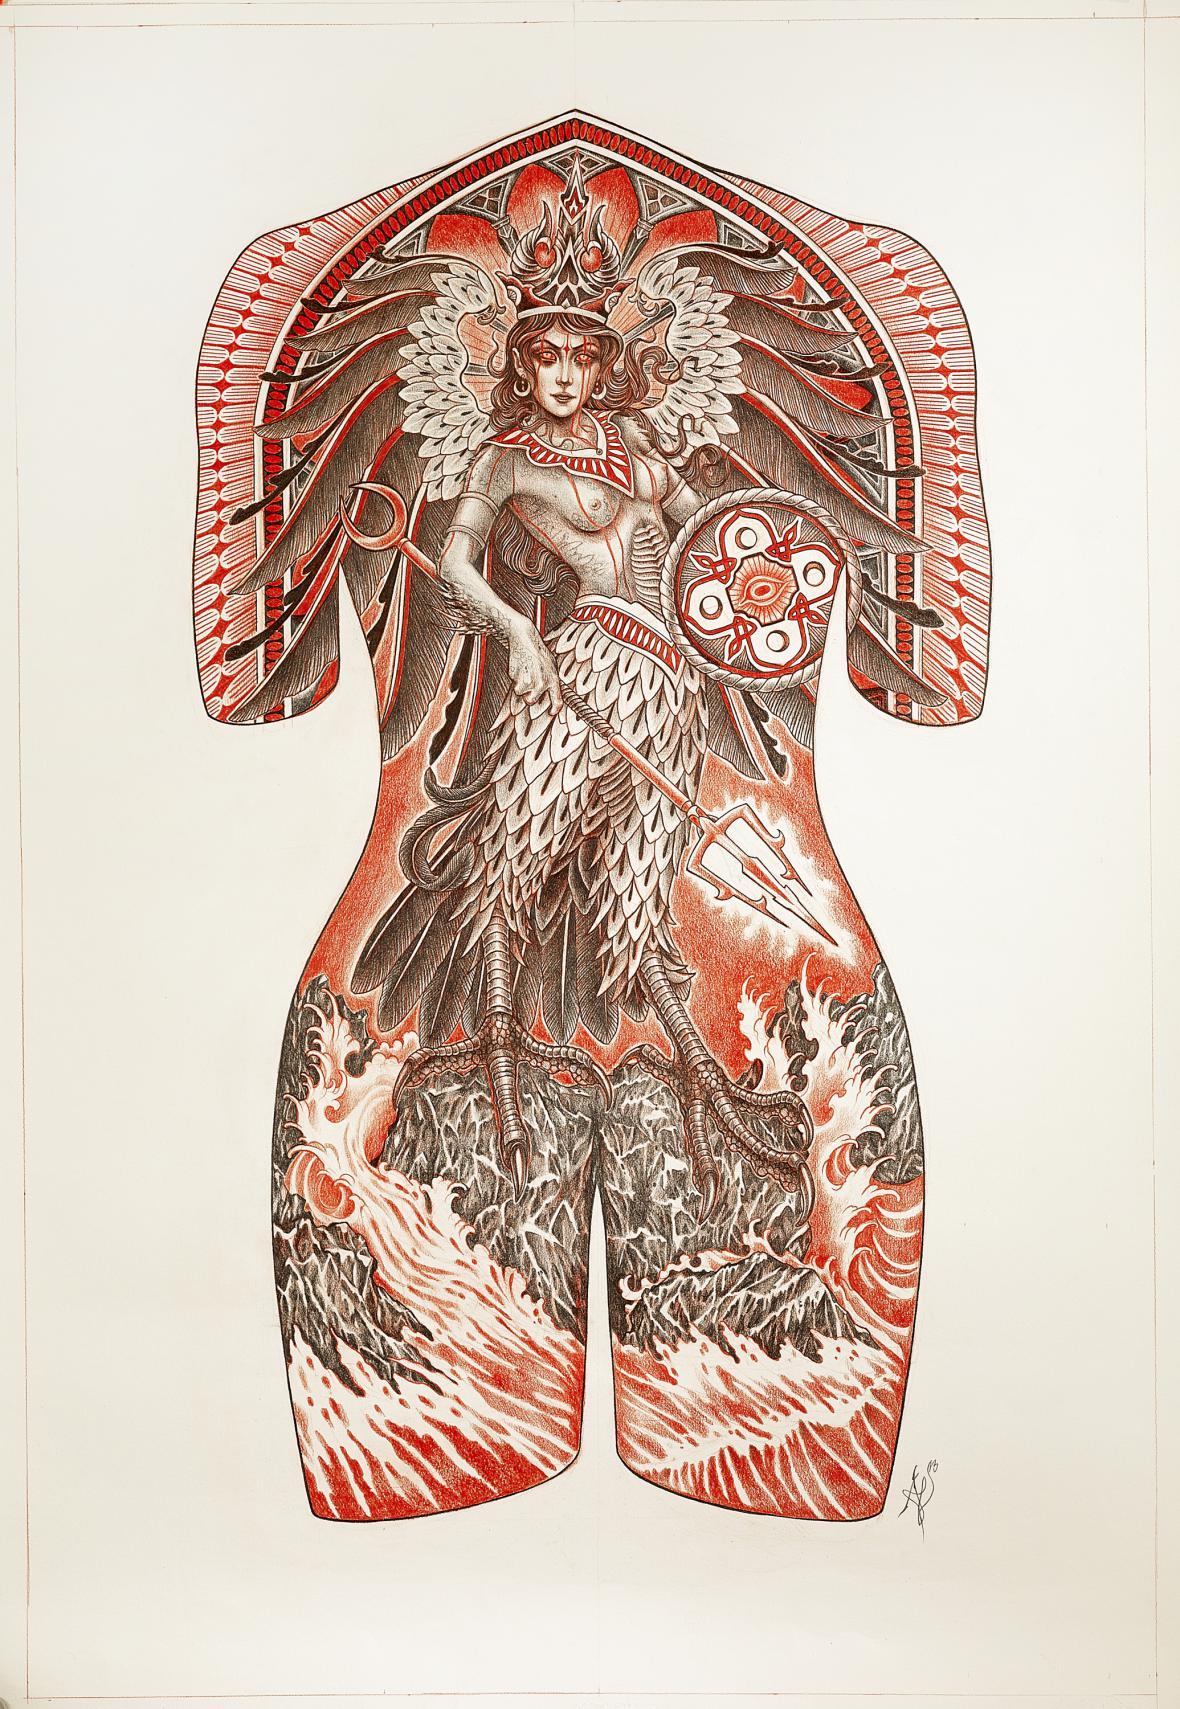 Z výstavy Tatéři a tetovaní v Muzeu Quai Branly v Paříži